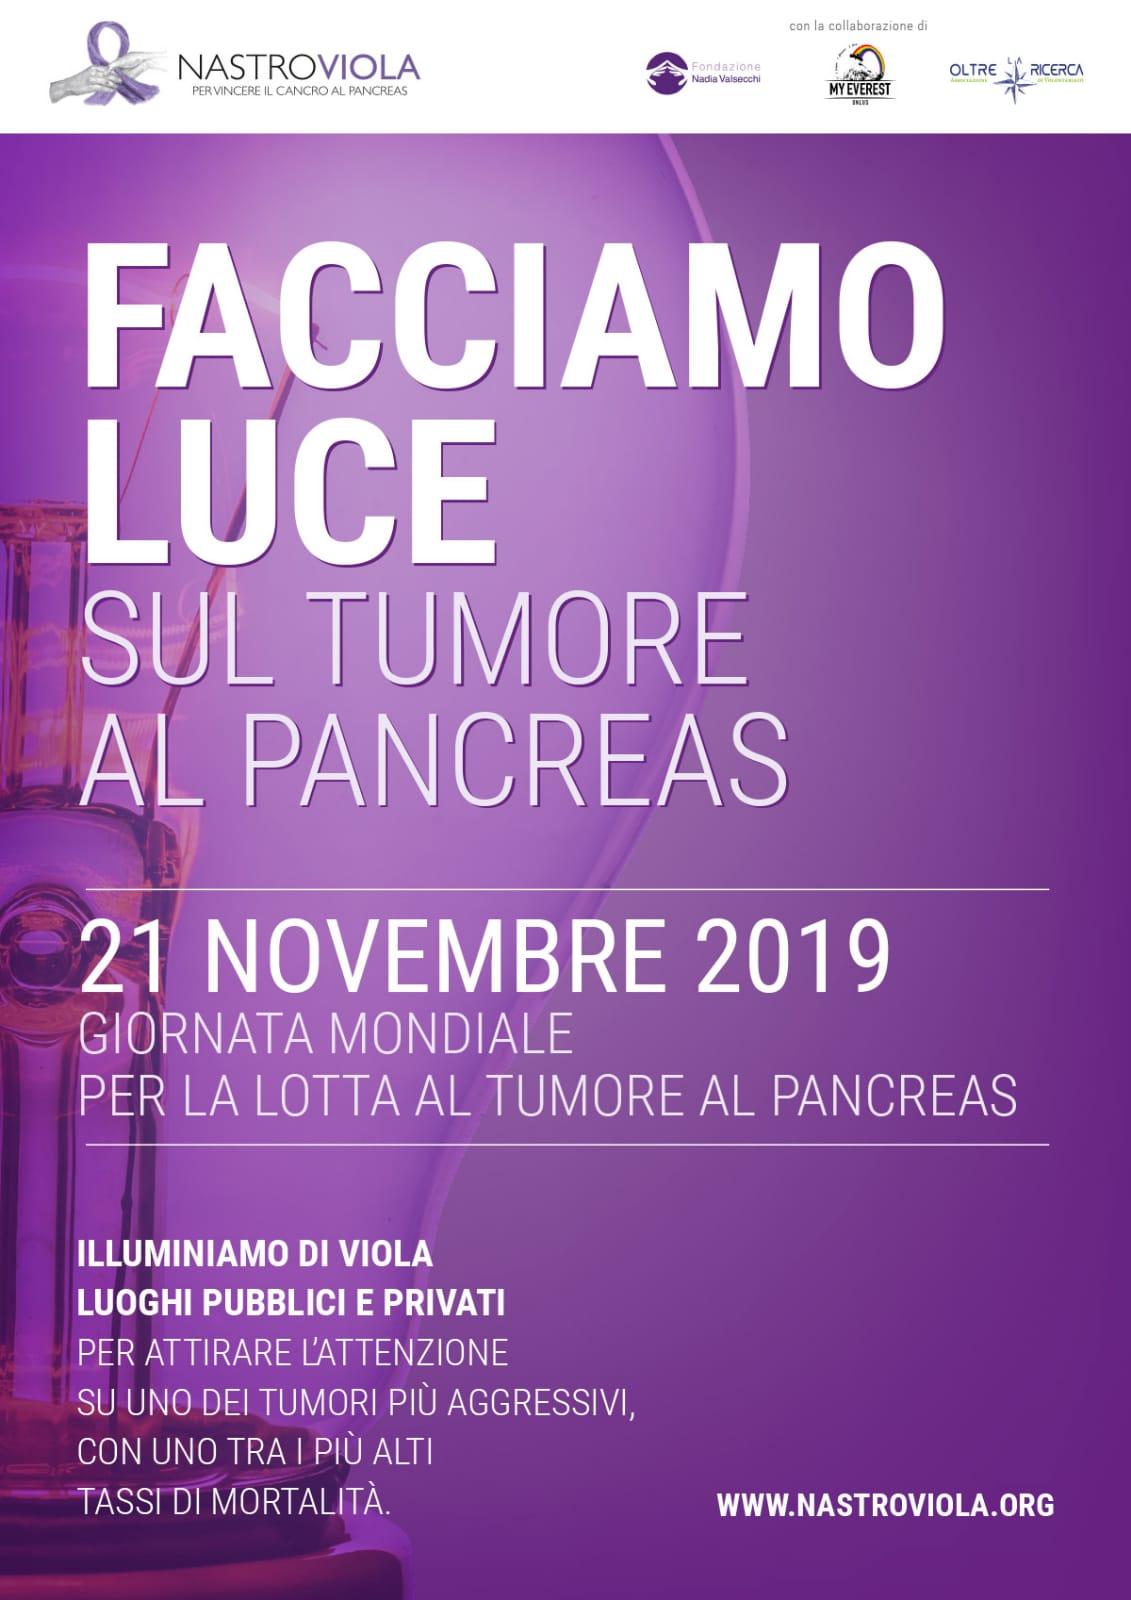 21 novembre 2019 Giornata mondiale per la lotta al tumore al pancreas